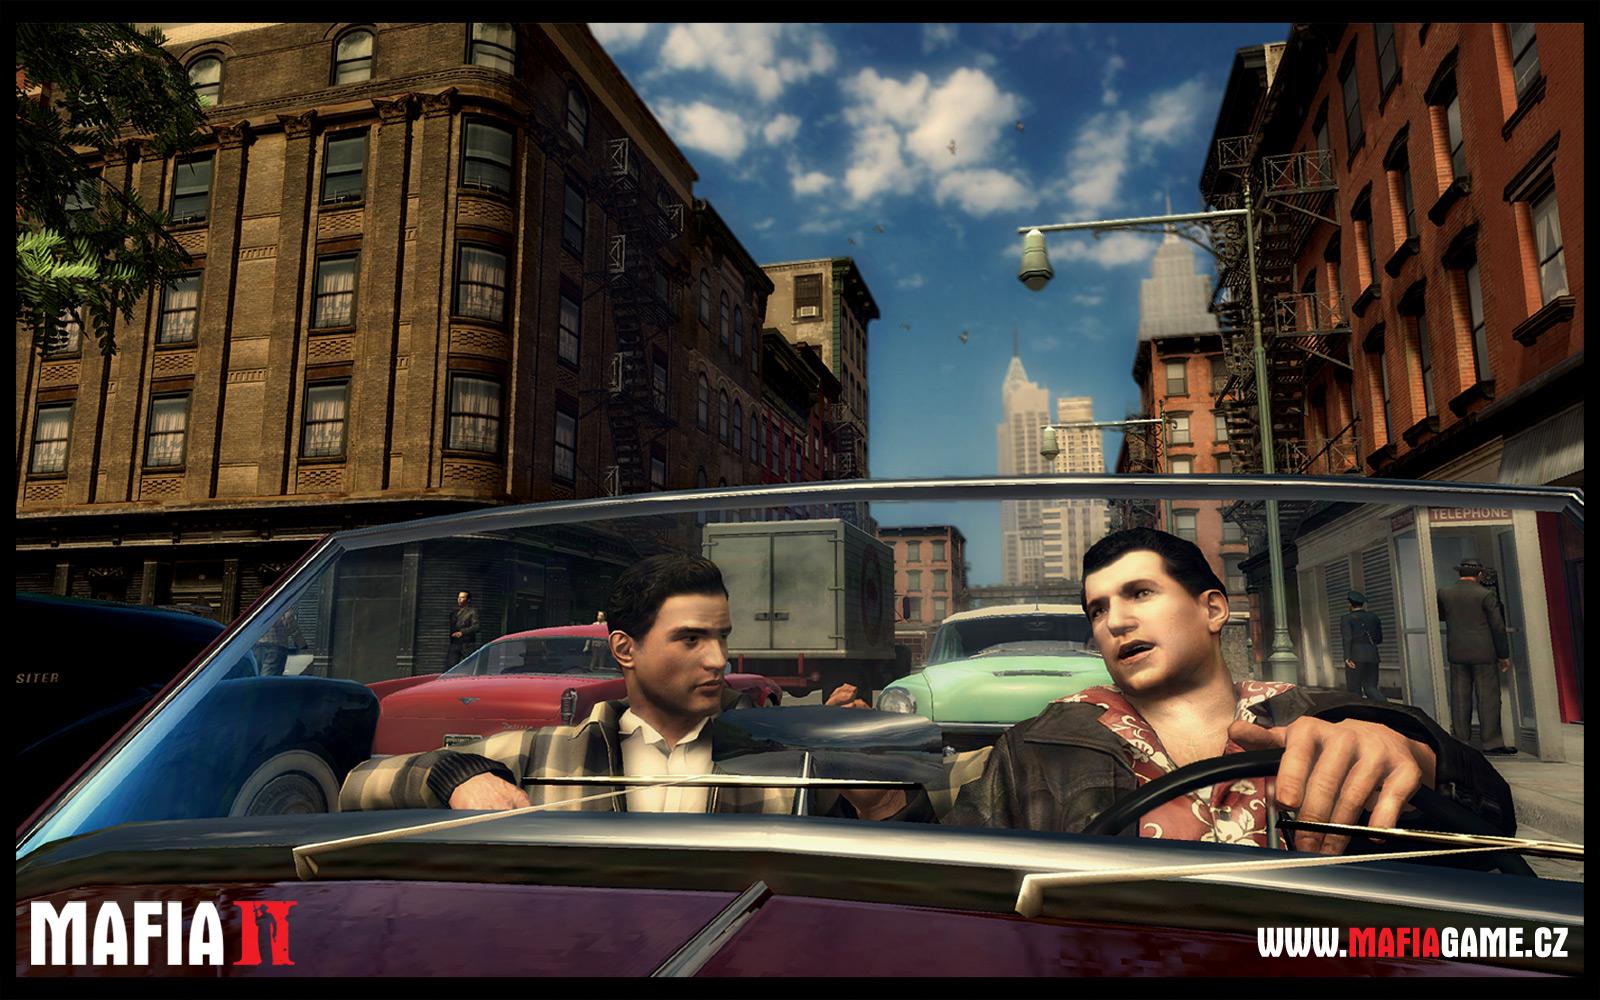 http://2.bp.blogspot.com/-Totd5S-Vfq0/TjJWB_tGqCI/AAAAAAAAAIo/CZt8nKiMMO4/s1600/mafia2-wallpaper_cars-1600x1000.jpg